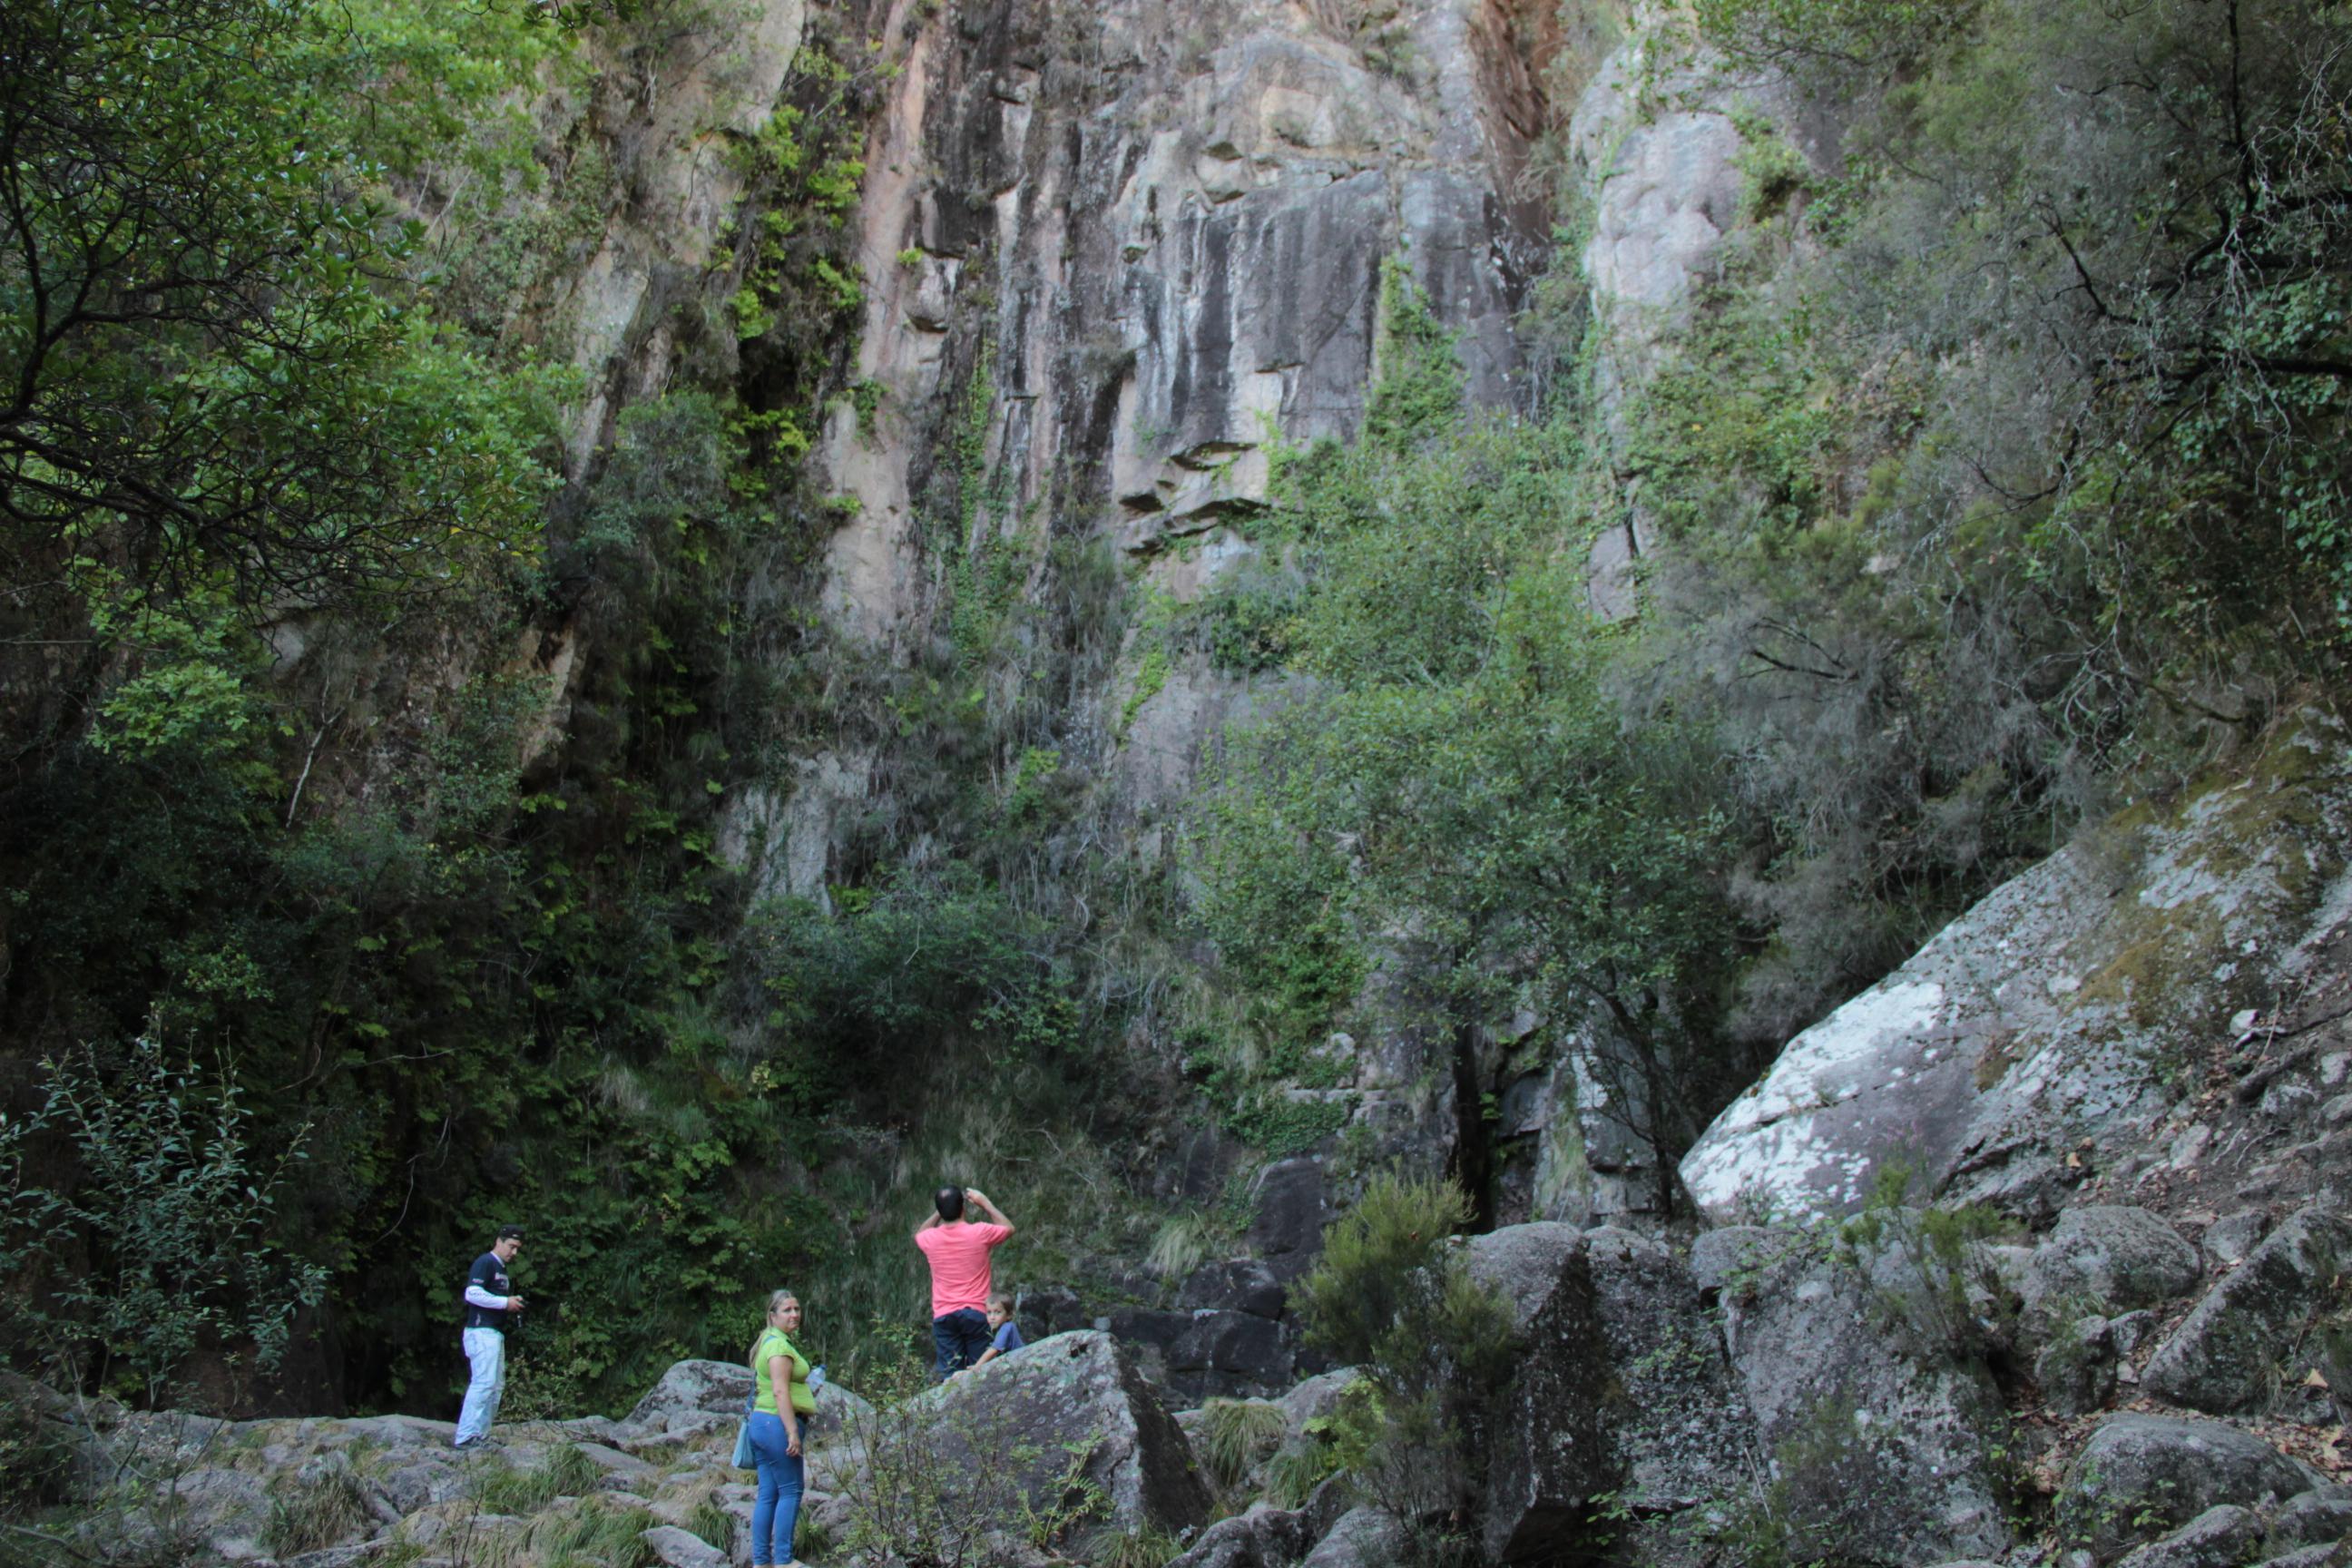 Cascata de Picães